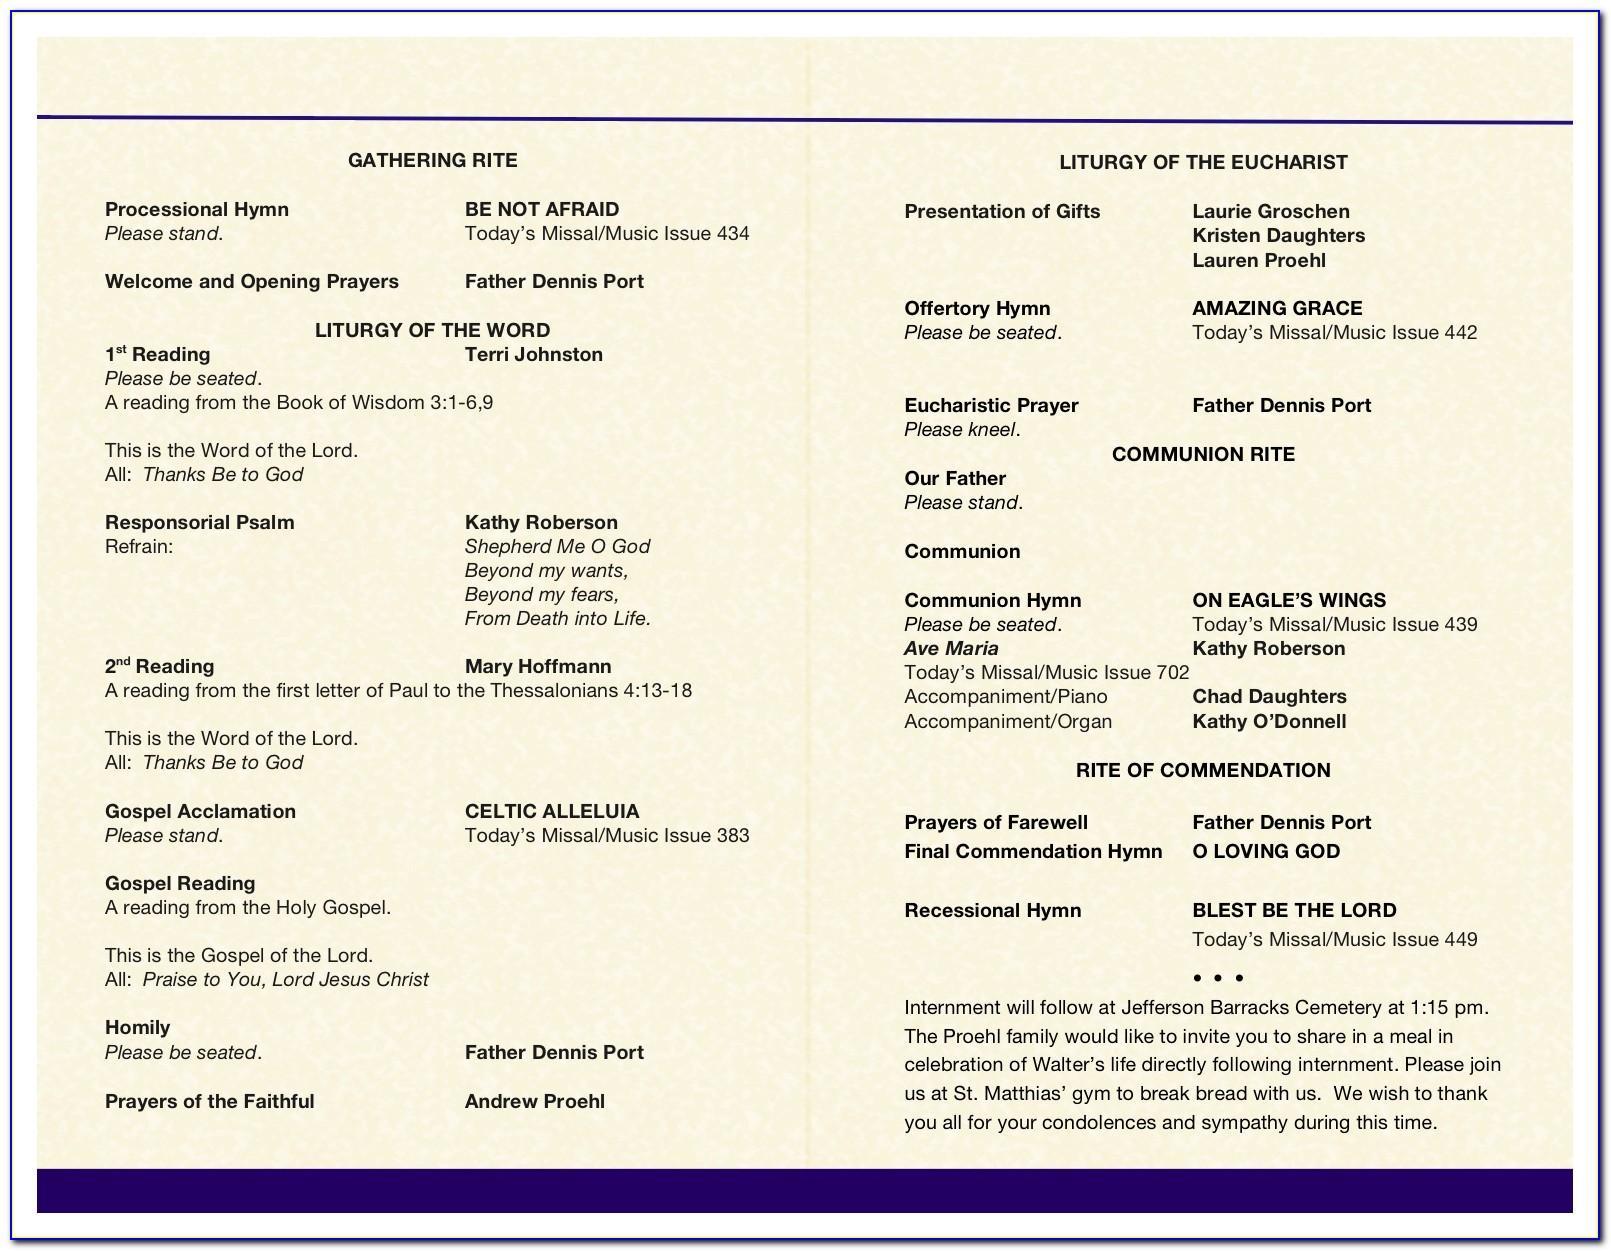 Funeral Mass Program Template Free